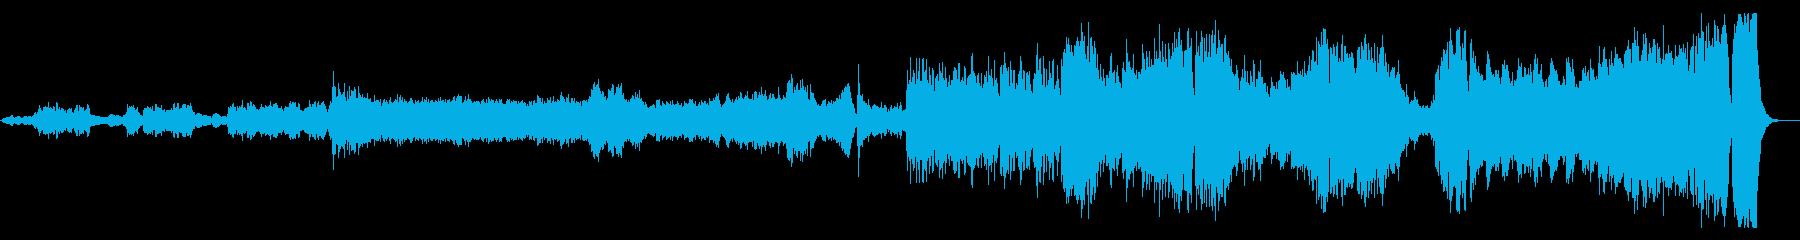 テーマソング系、壮大な映画の始まりの再生済みの波形